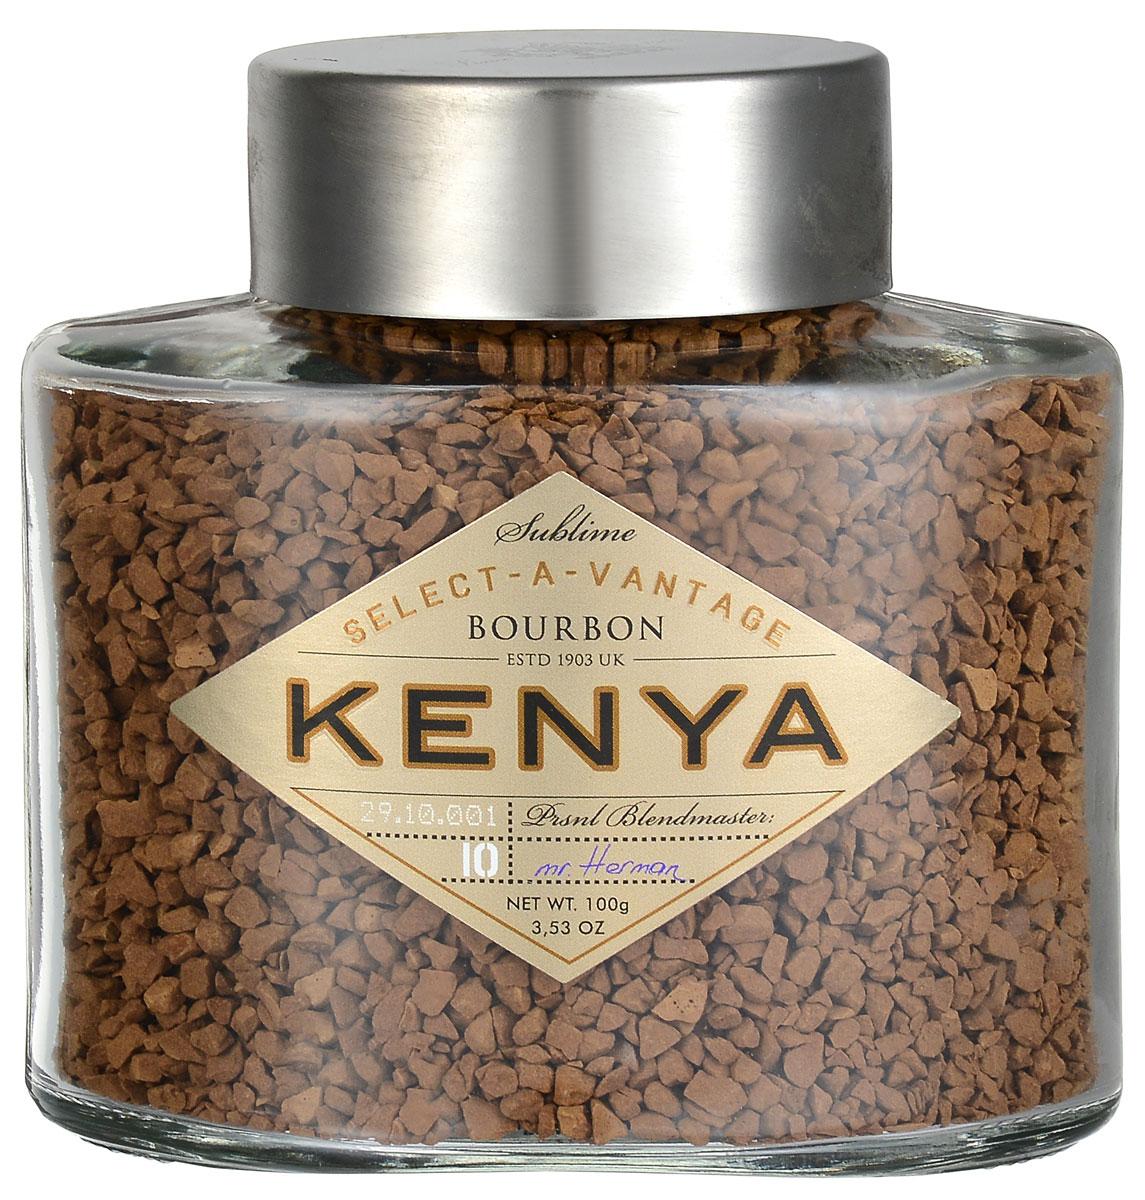 Bourbon Select-a-Vantage Kenya кофе растворимый, 100 г